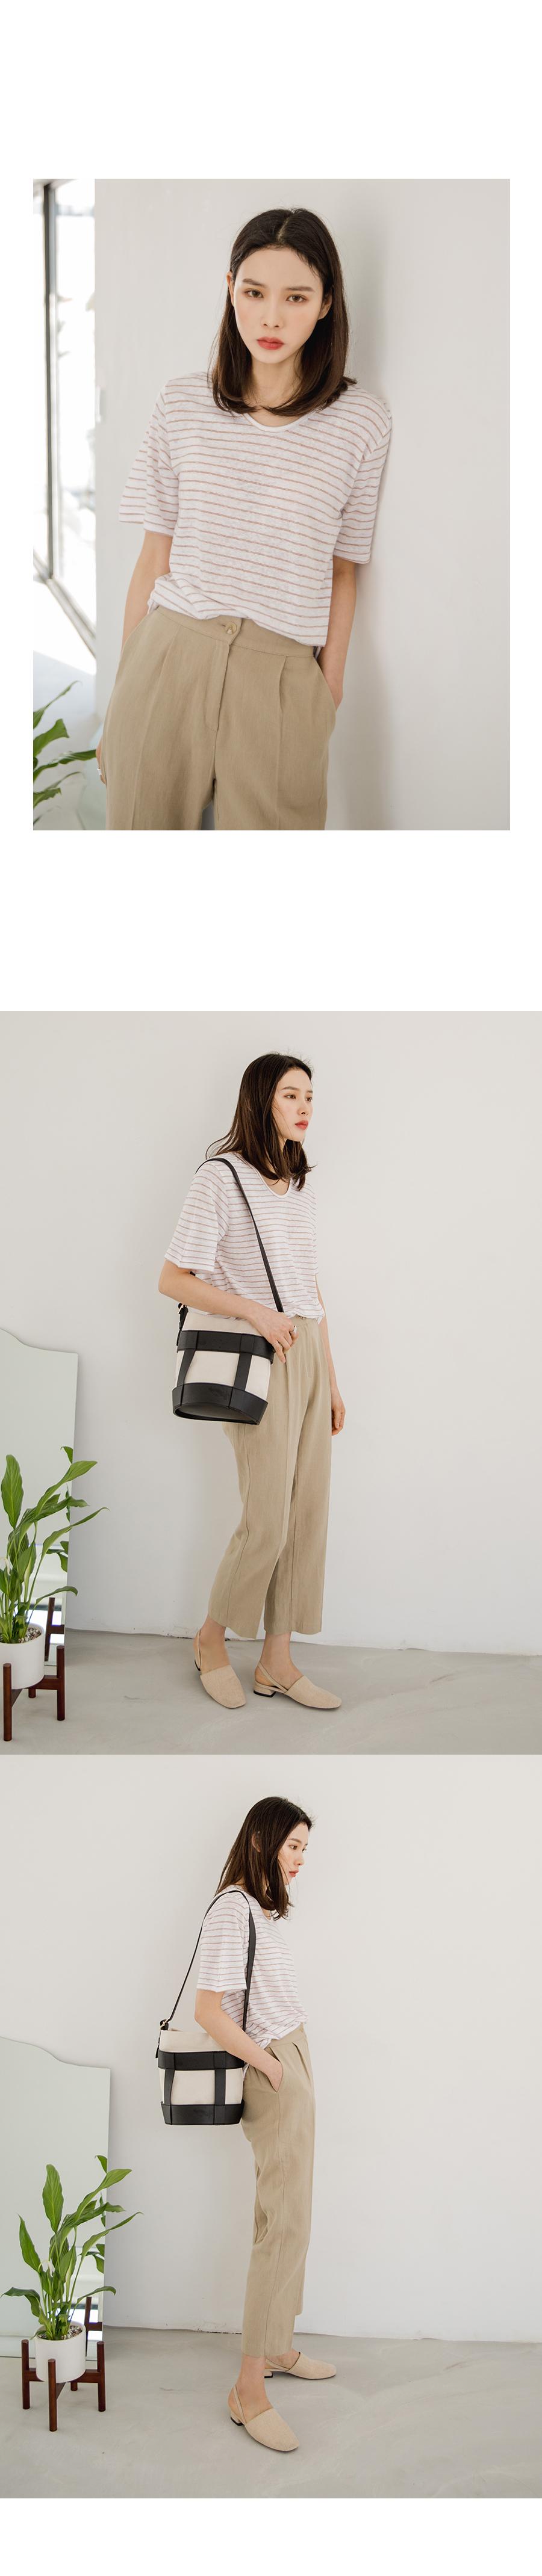 Striped linen short sleeve tee